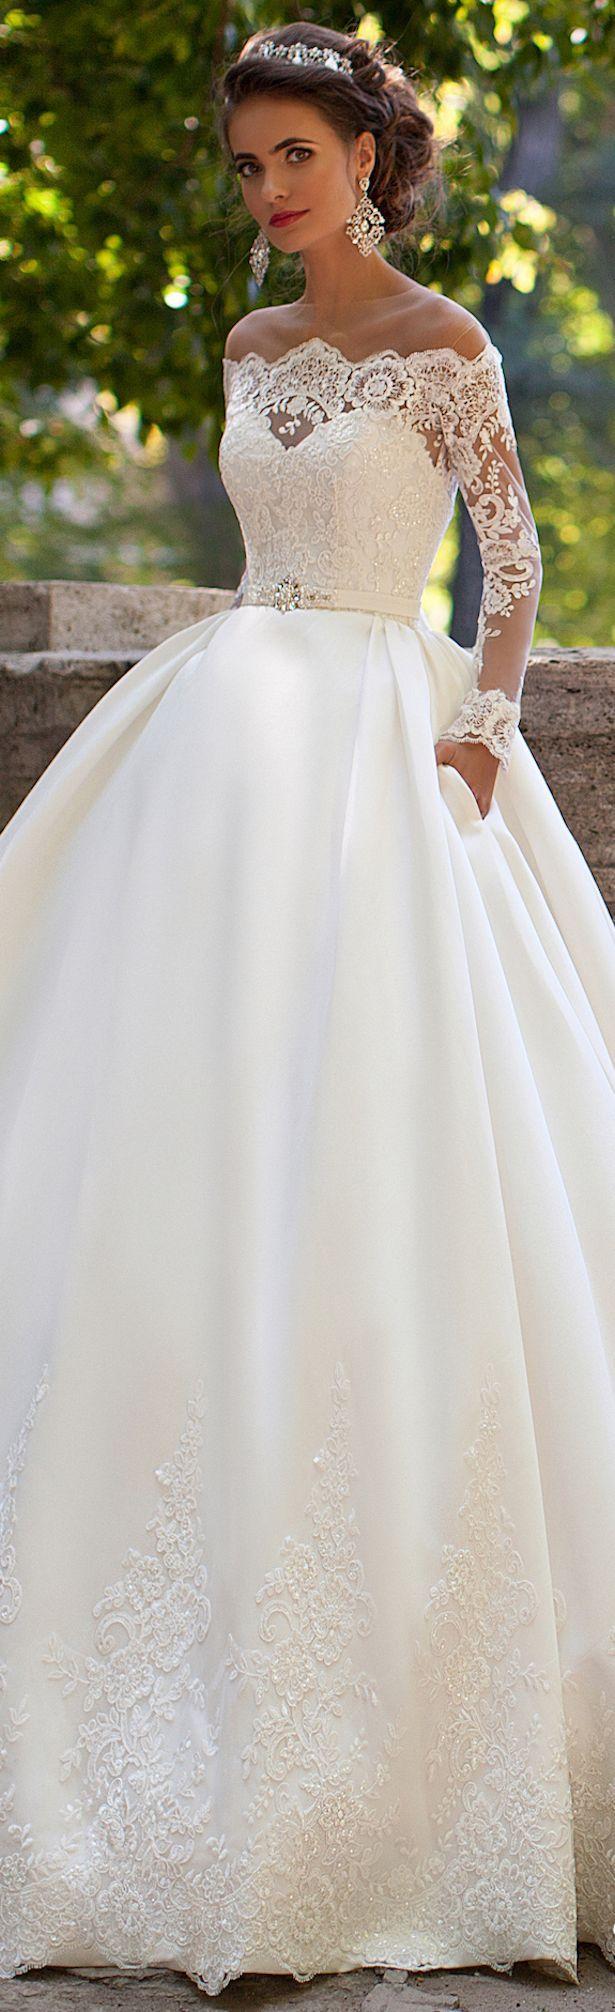 Hochzeit - Milla Nova 2016 Bridal Collection - Dominica